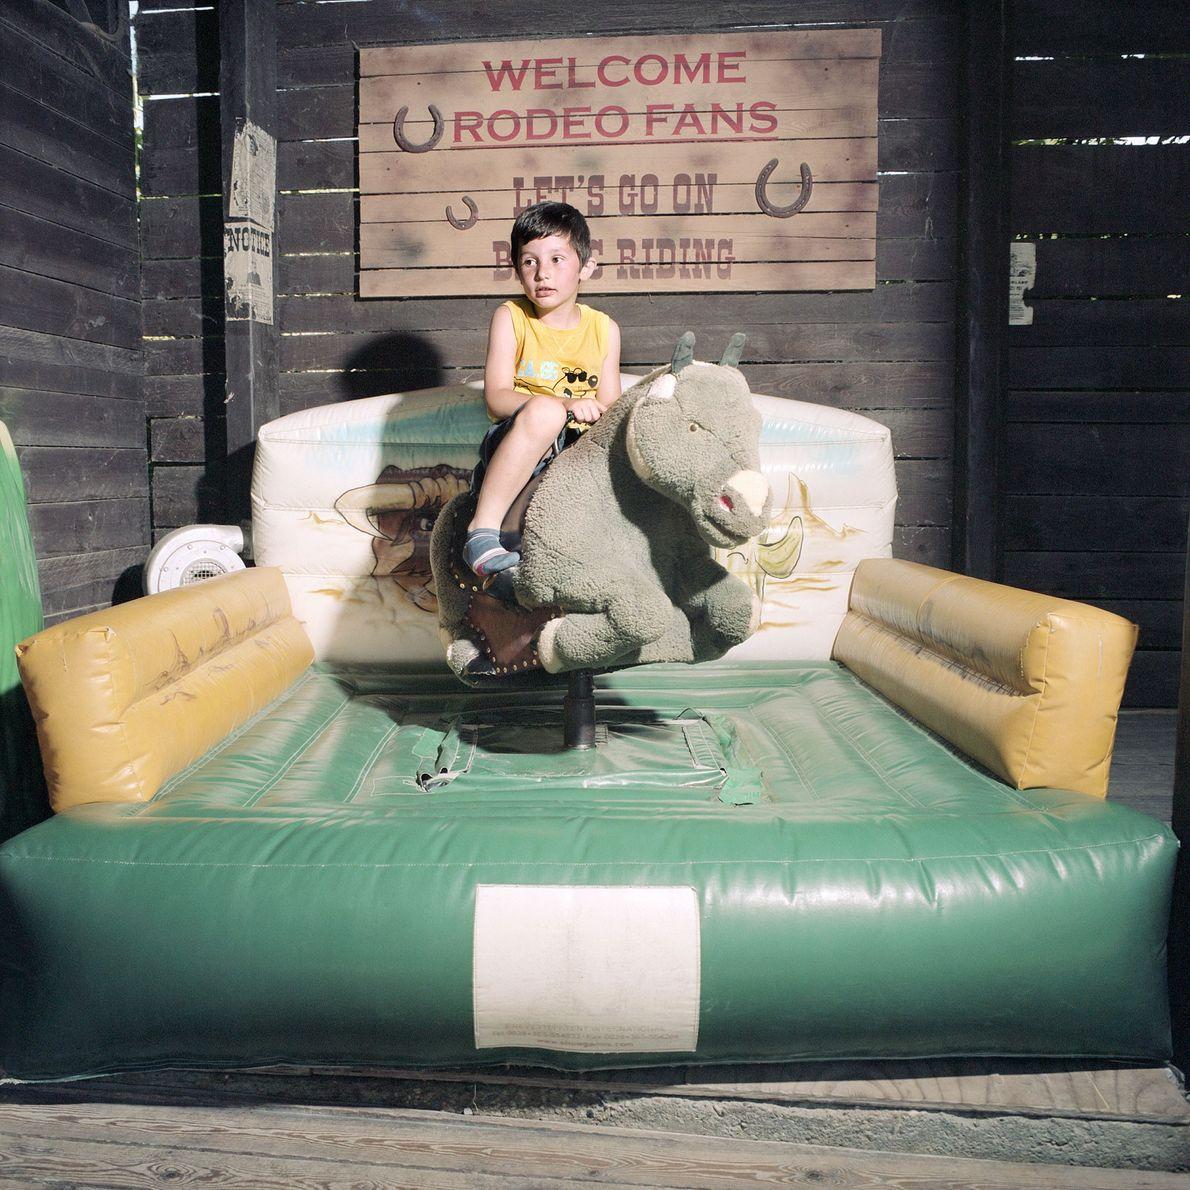 Junge beim Rodeo